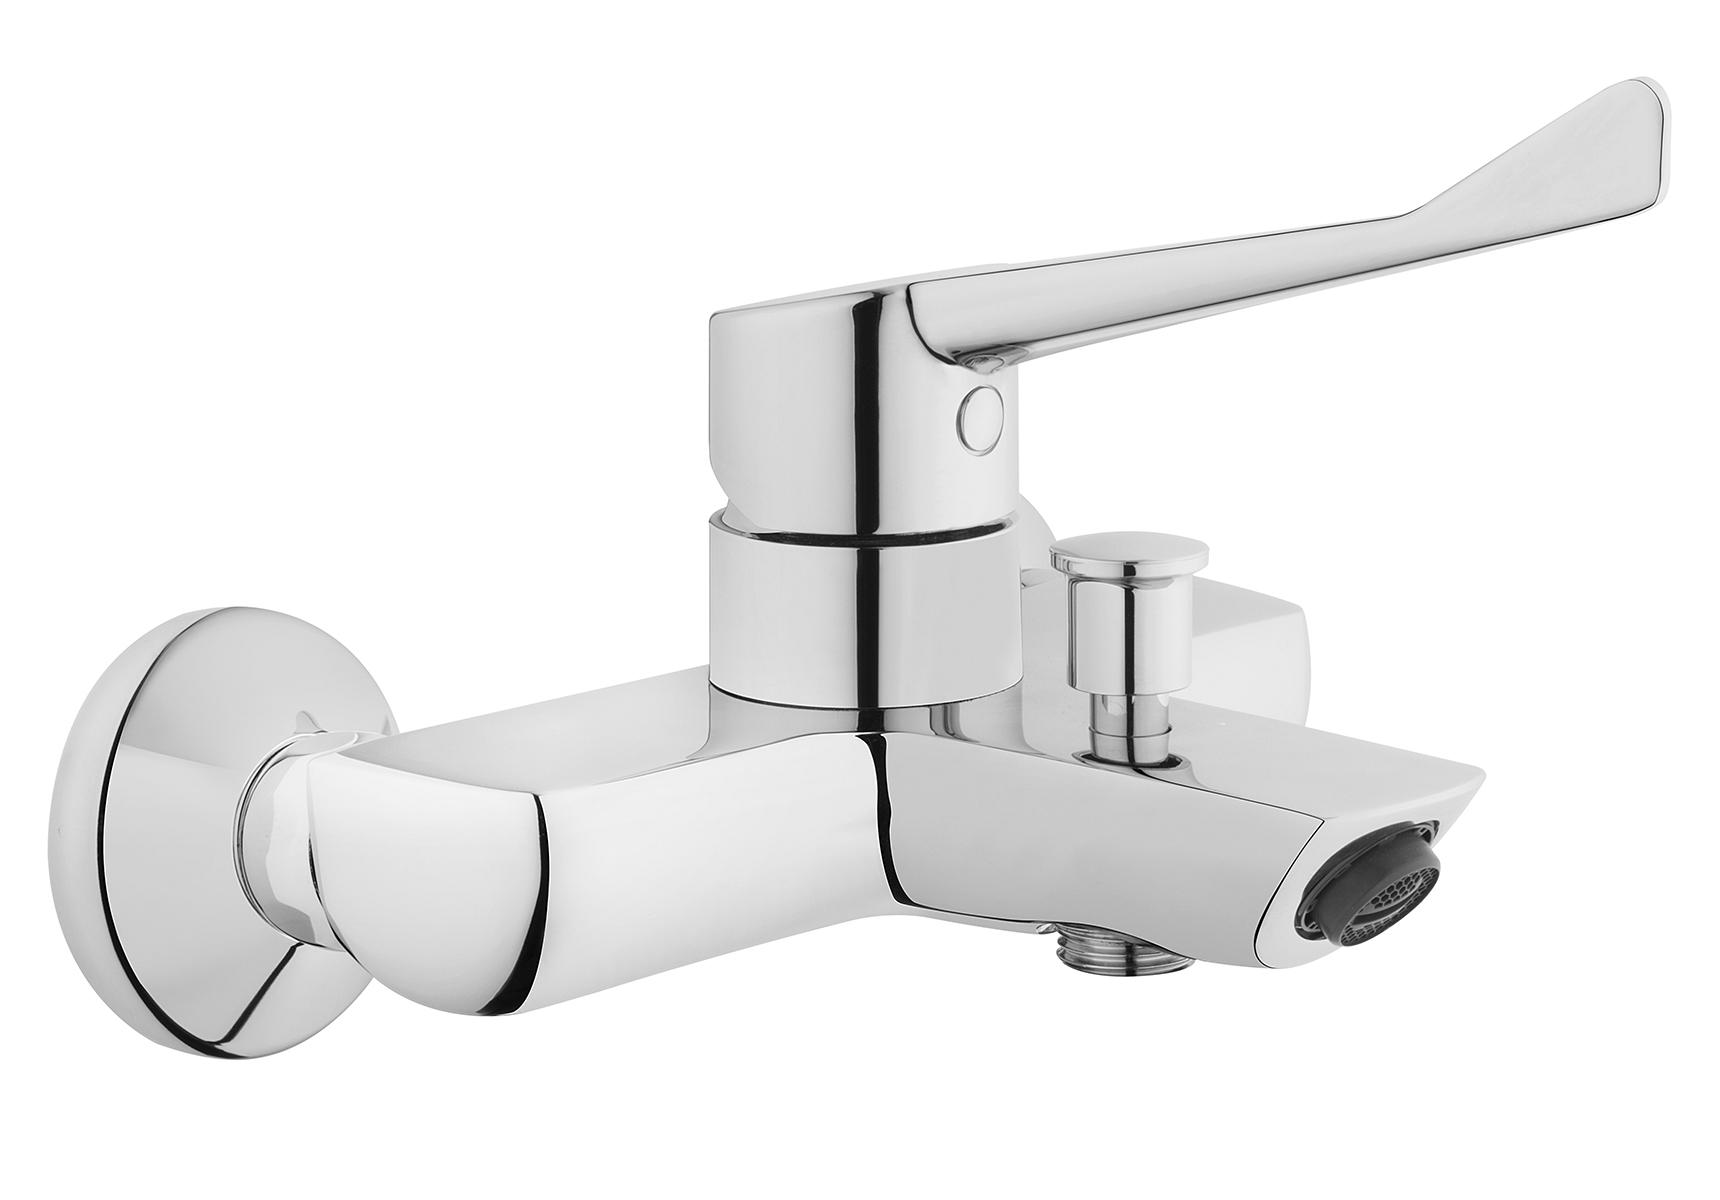 AquaMed Solid S robinetterie MC de remplissage baignoire / douche, montage mural